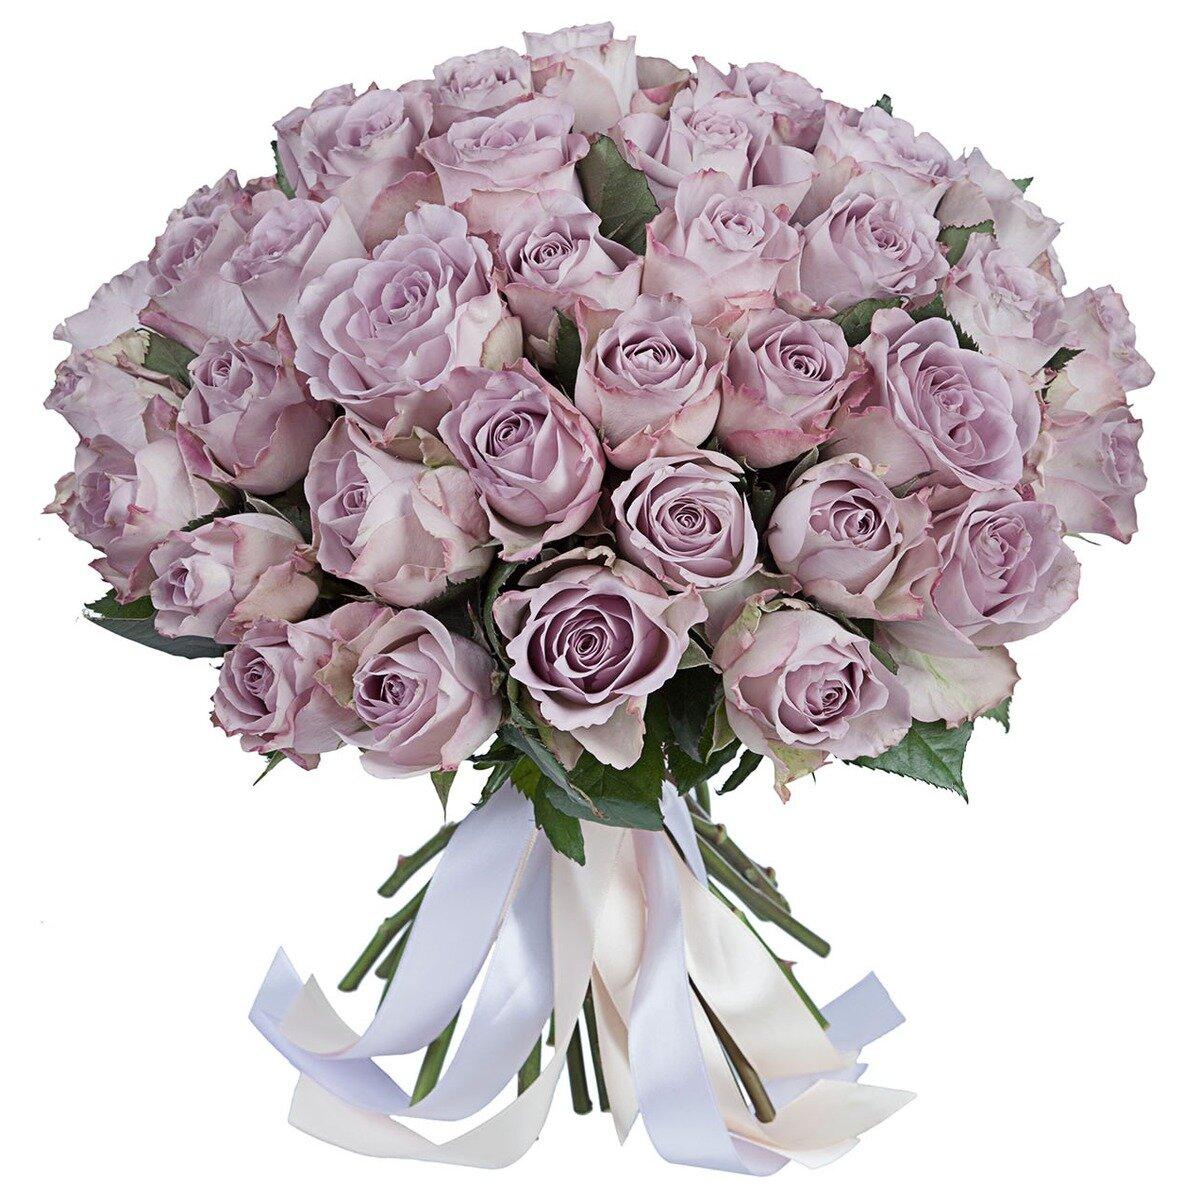 Картинки шикарные букеты роз, петухи курочки открытки